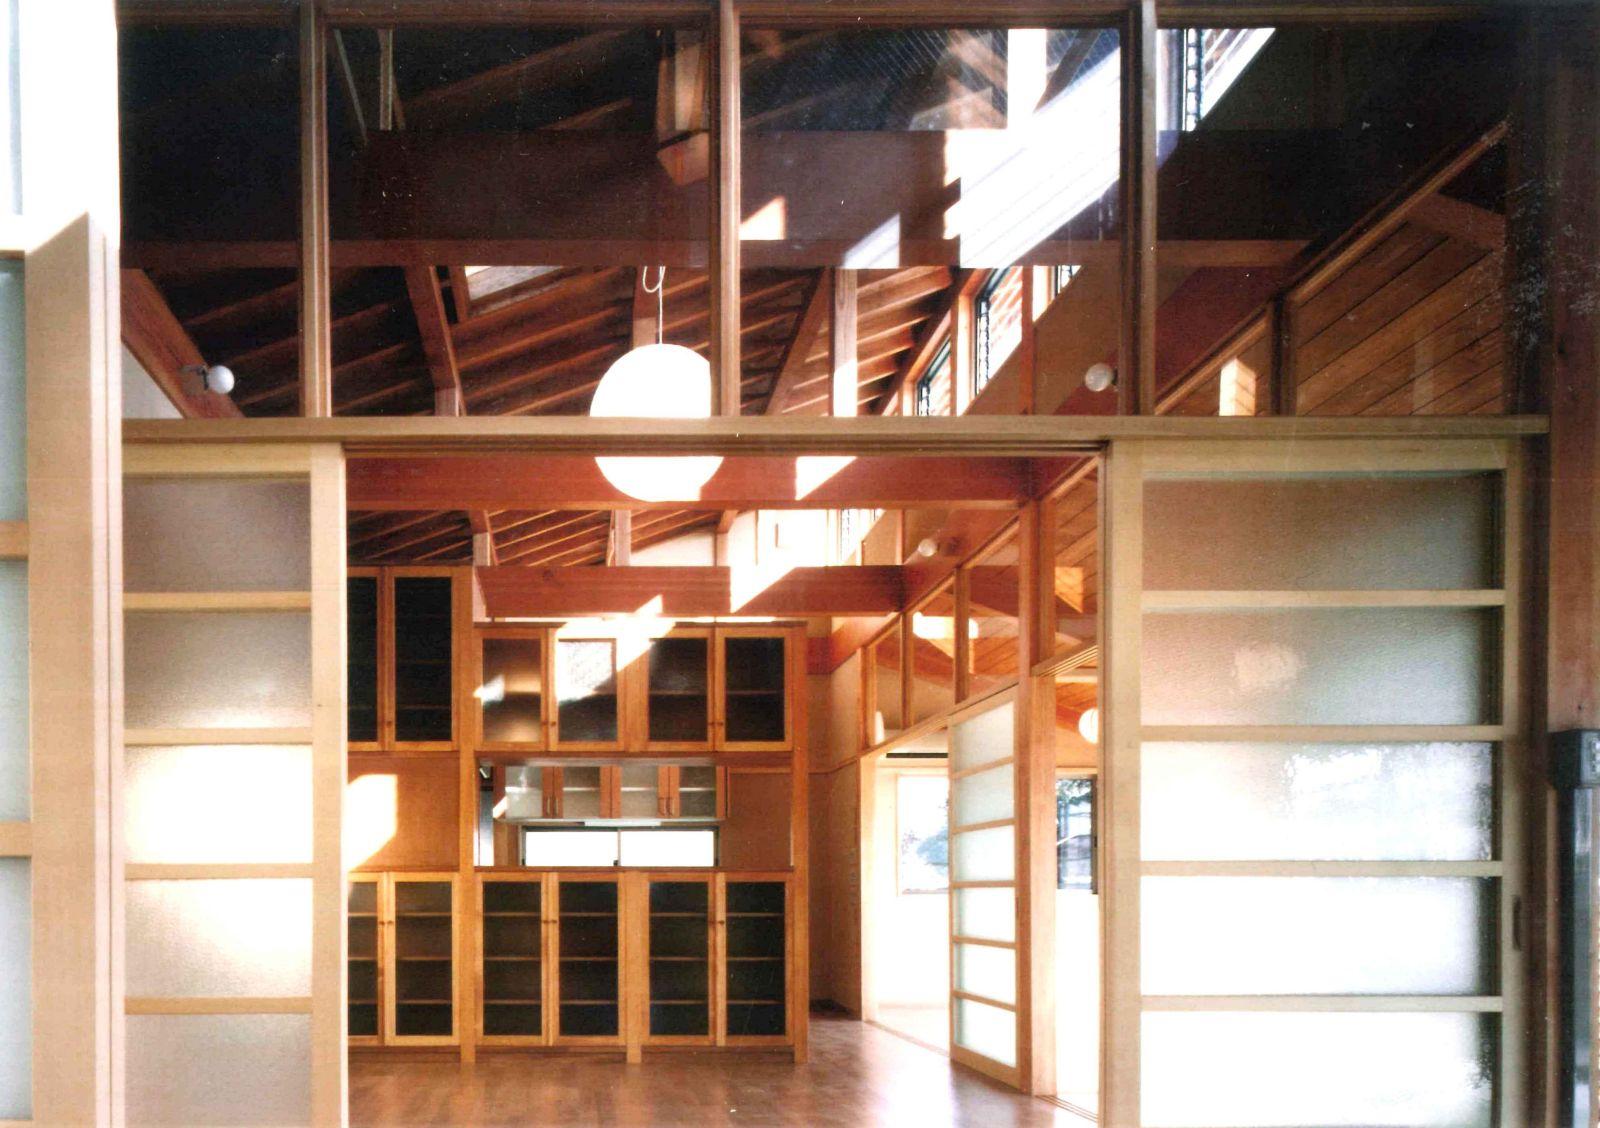 和風住宅の小屋裏空間の梁見せ天井と梁